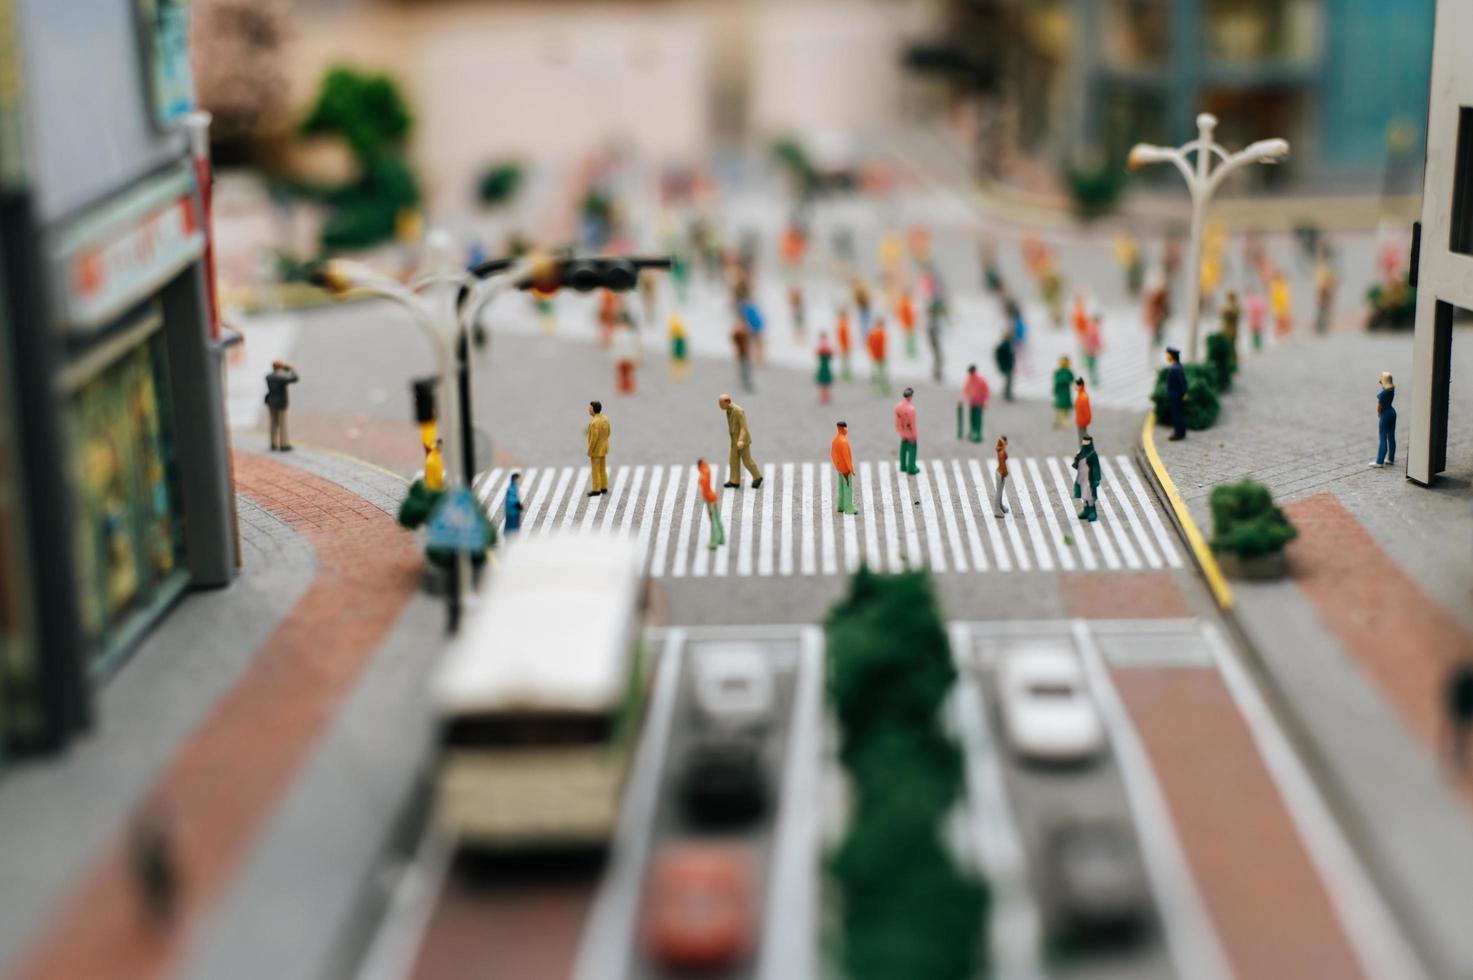 kleine mensen lopen door veel straten foto